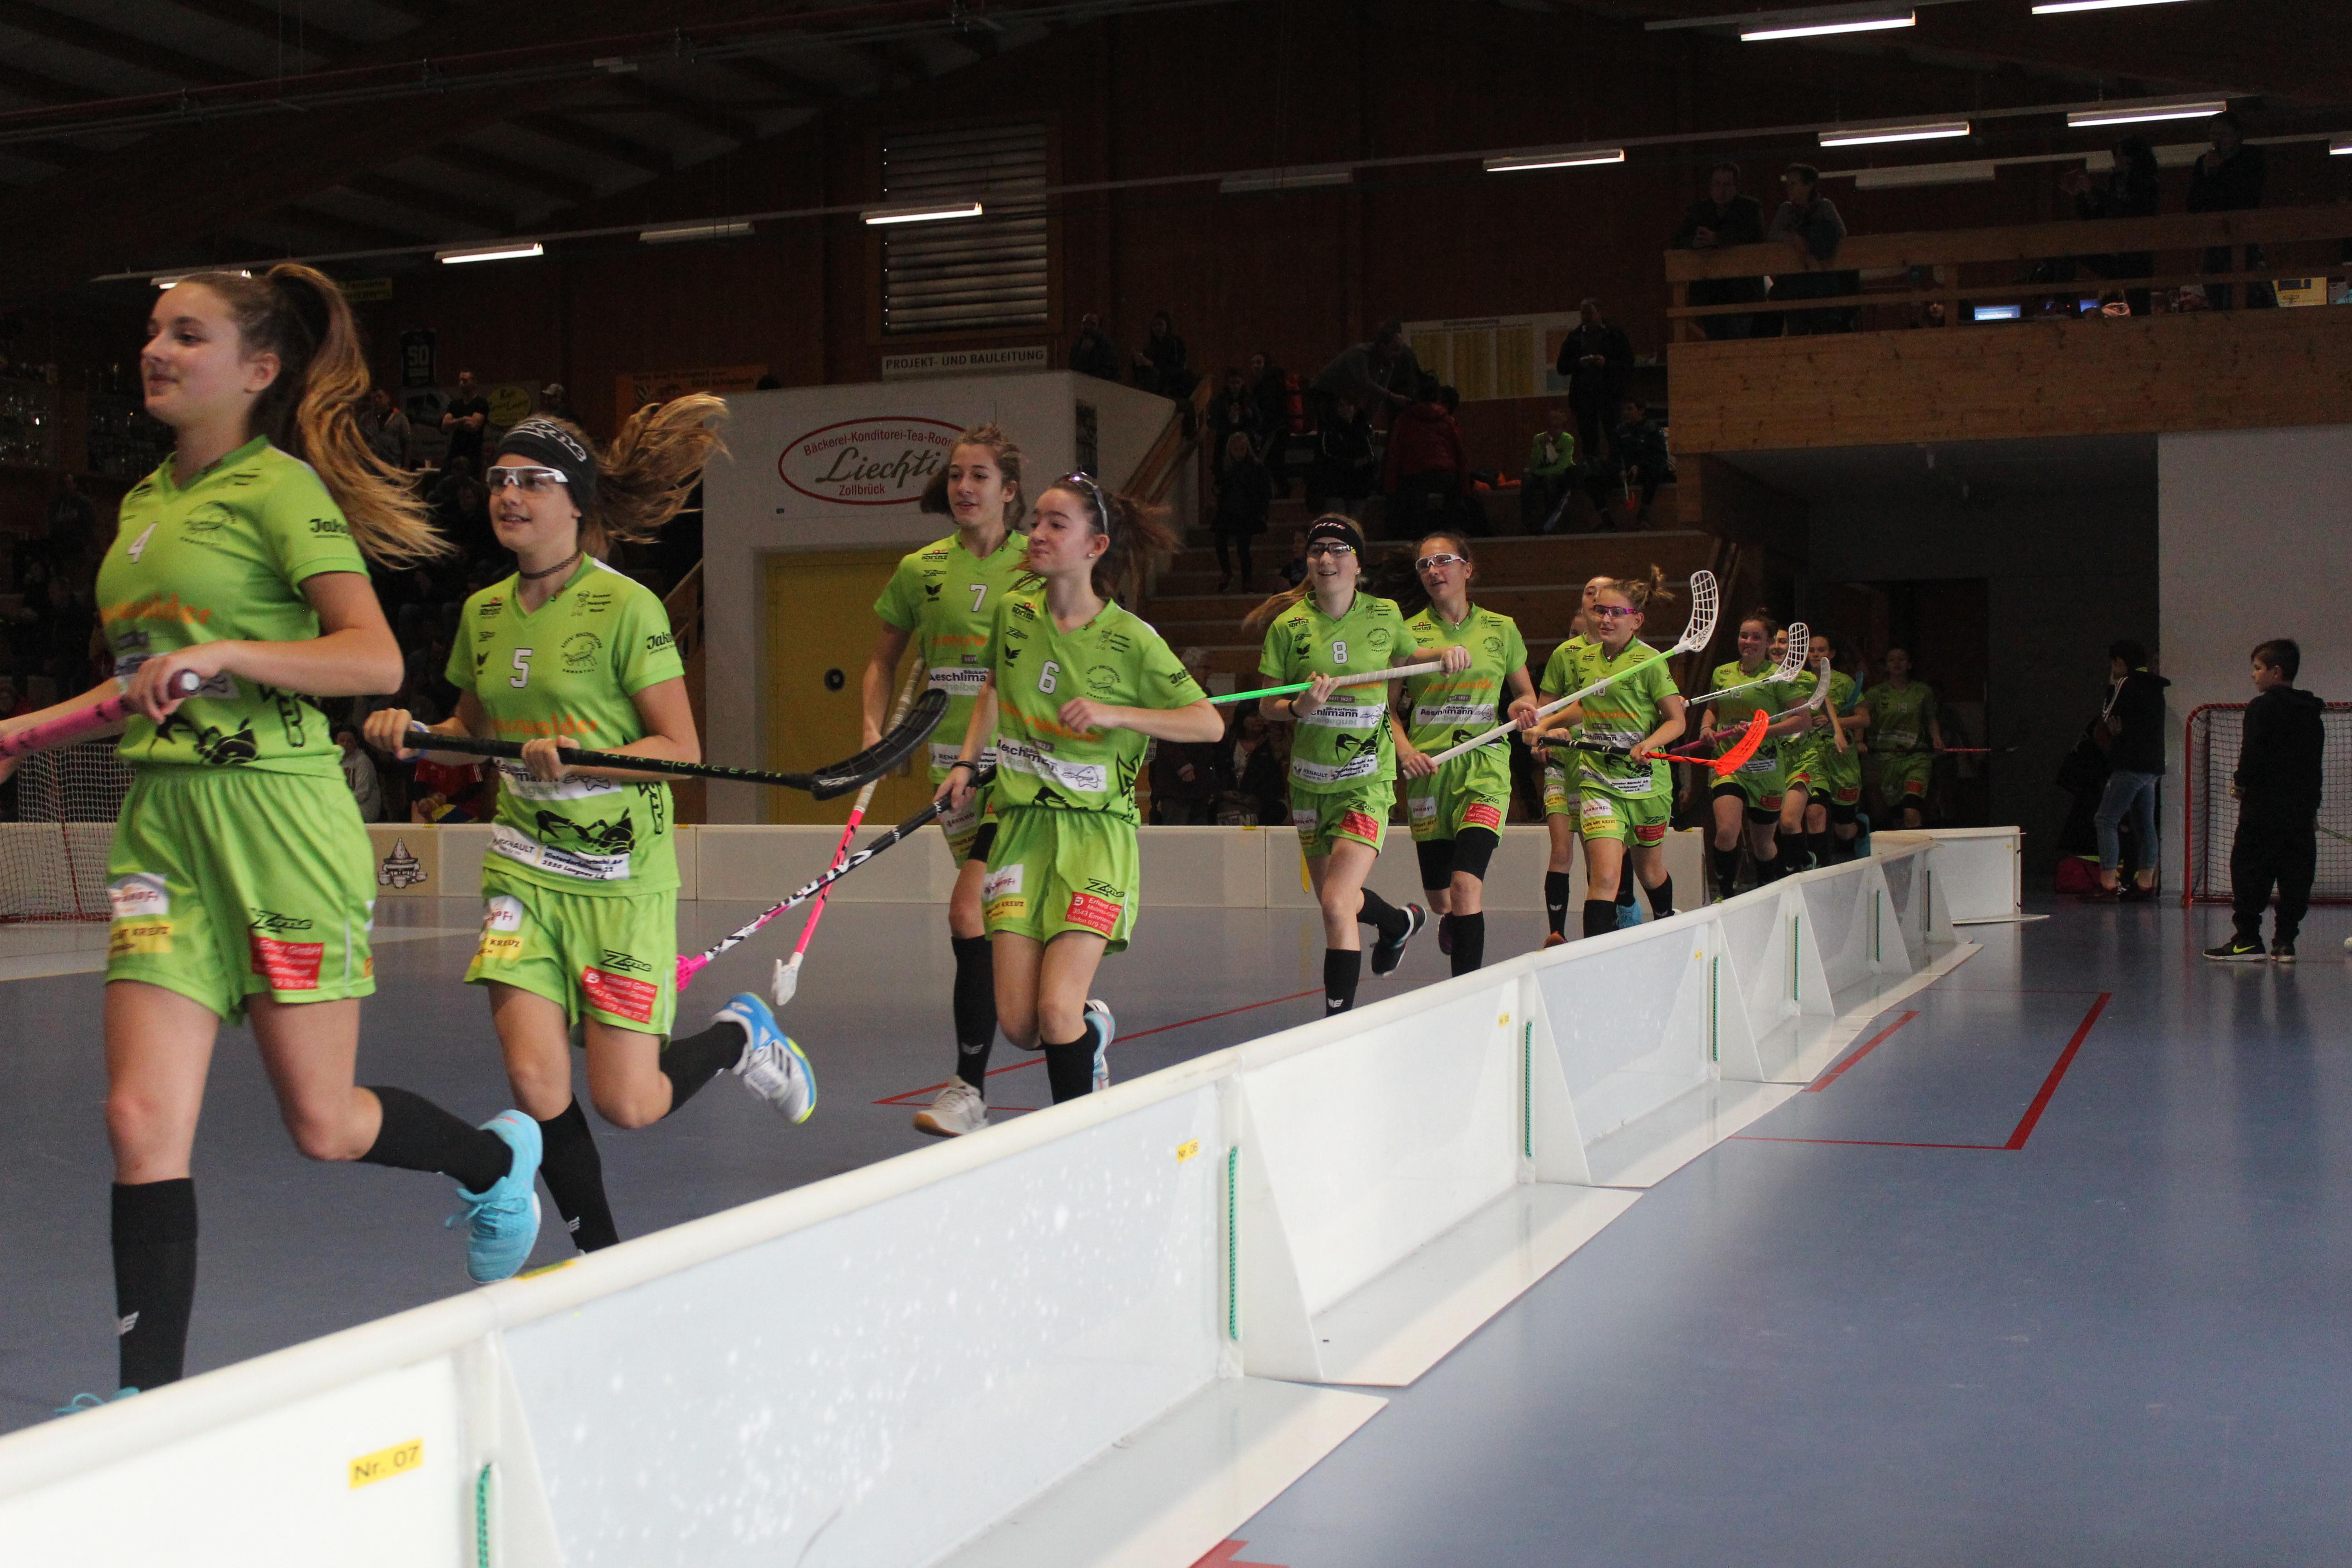 2017.11.19_U17_U14 Turnier BOE Zollbrück